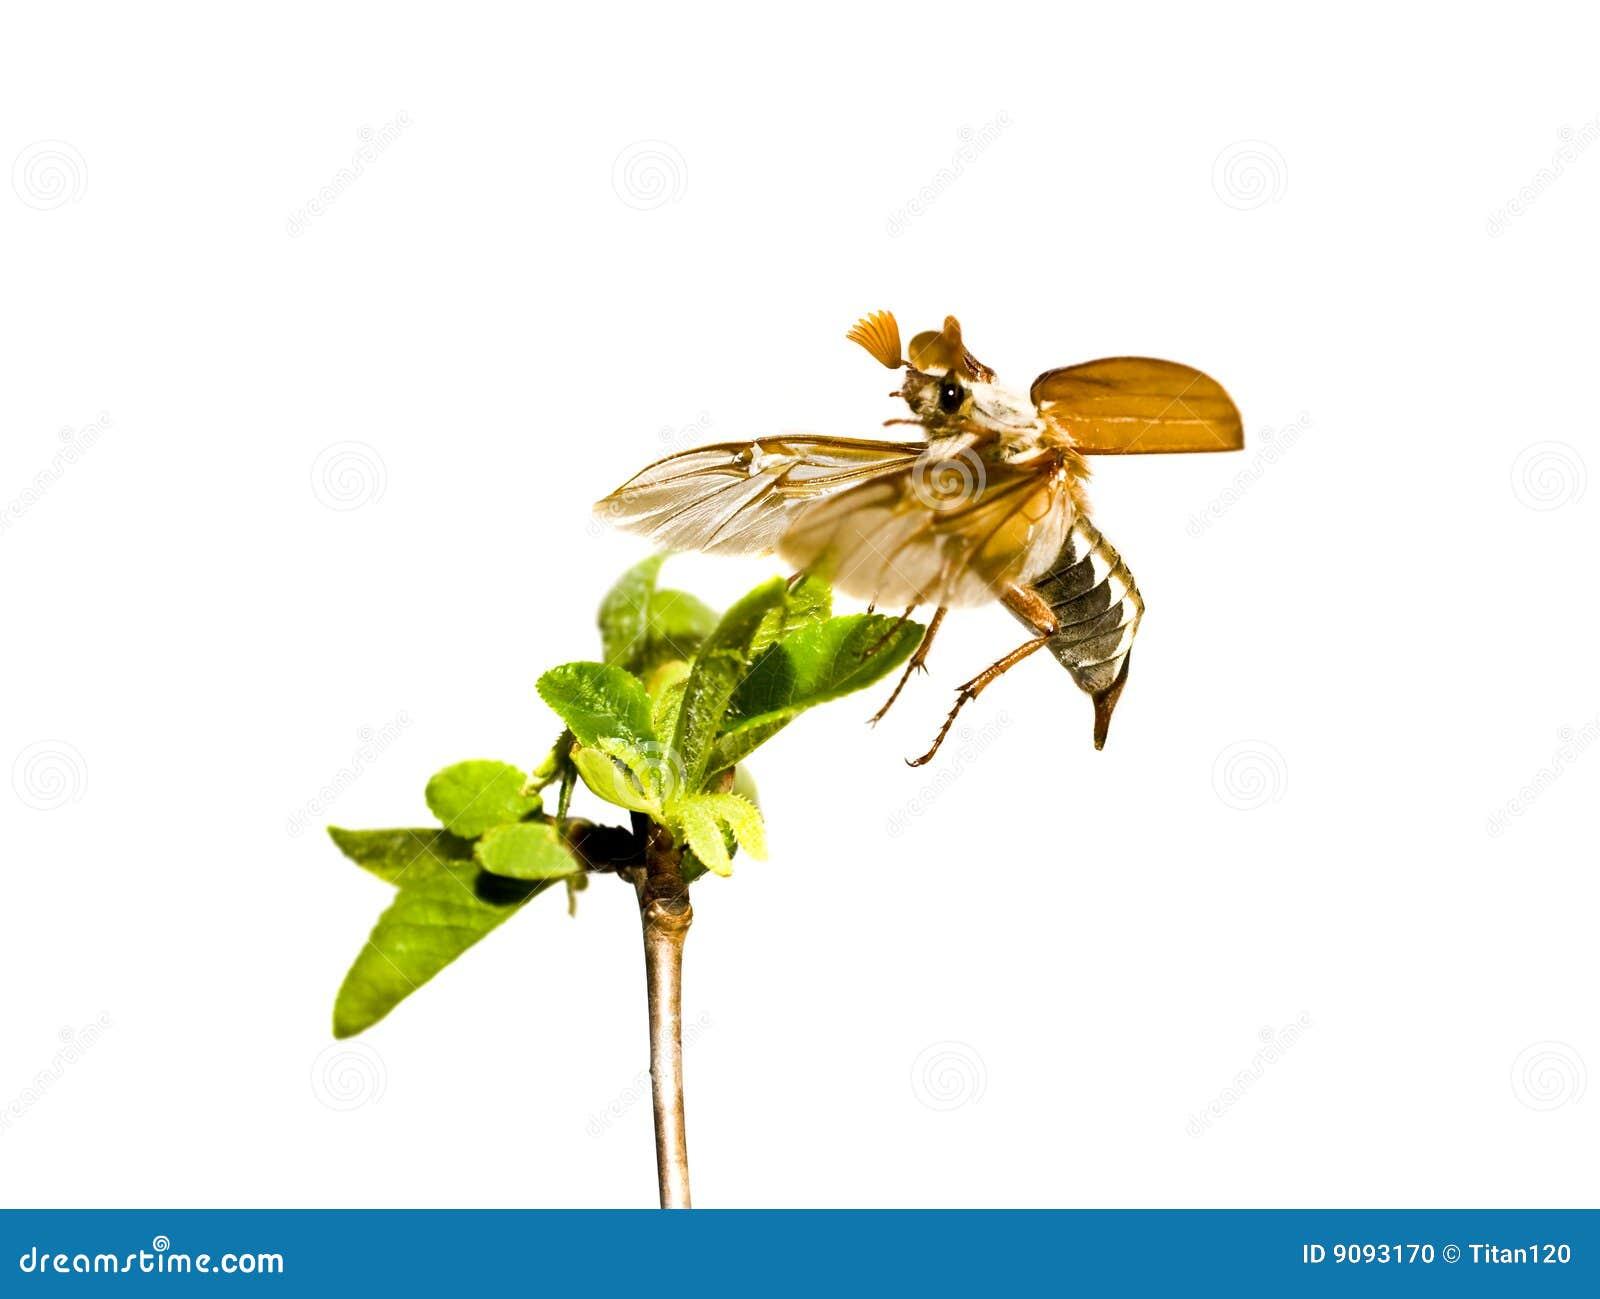 May-bug auf dem Zweig des Baums